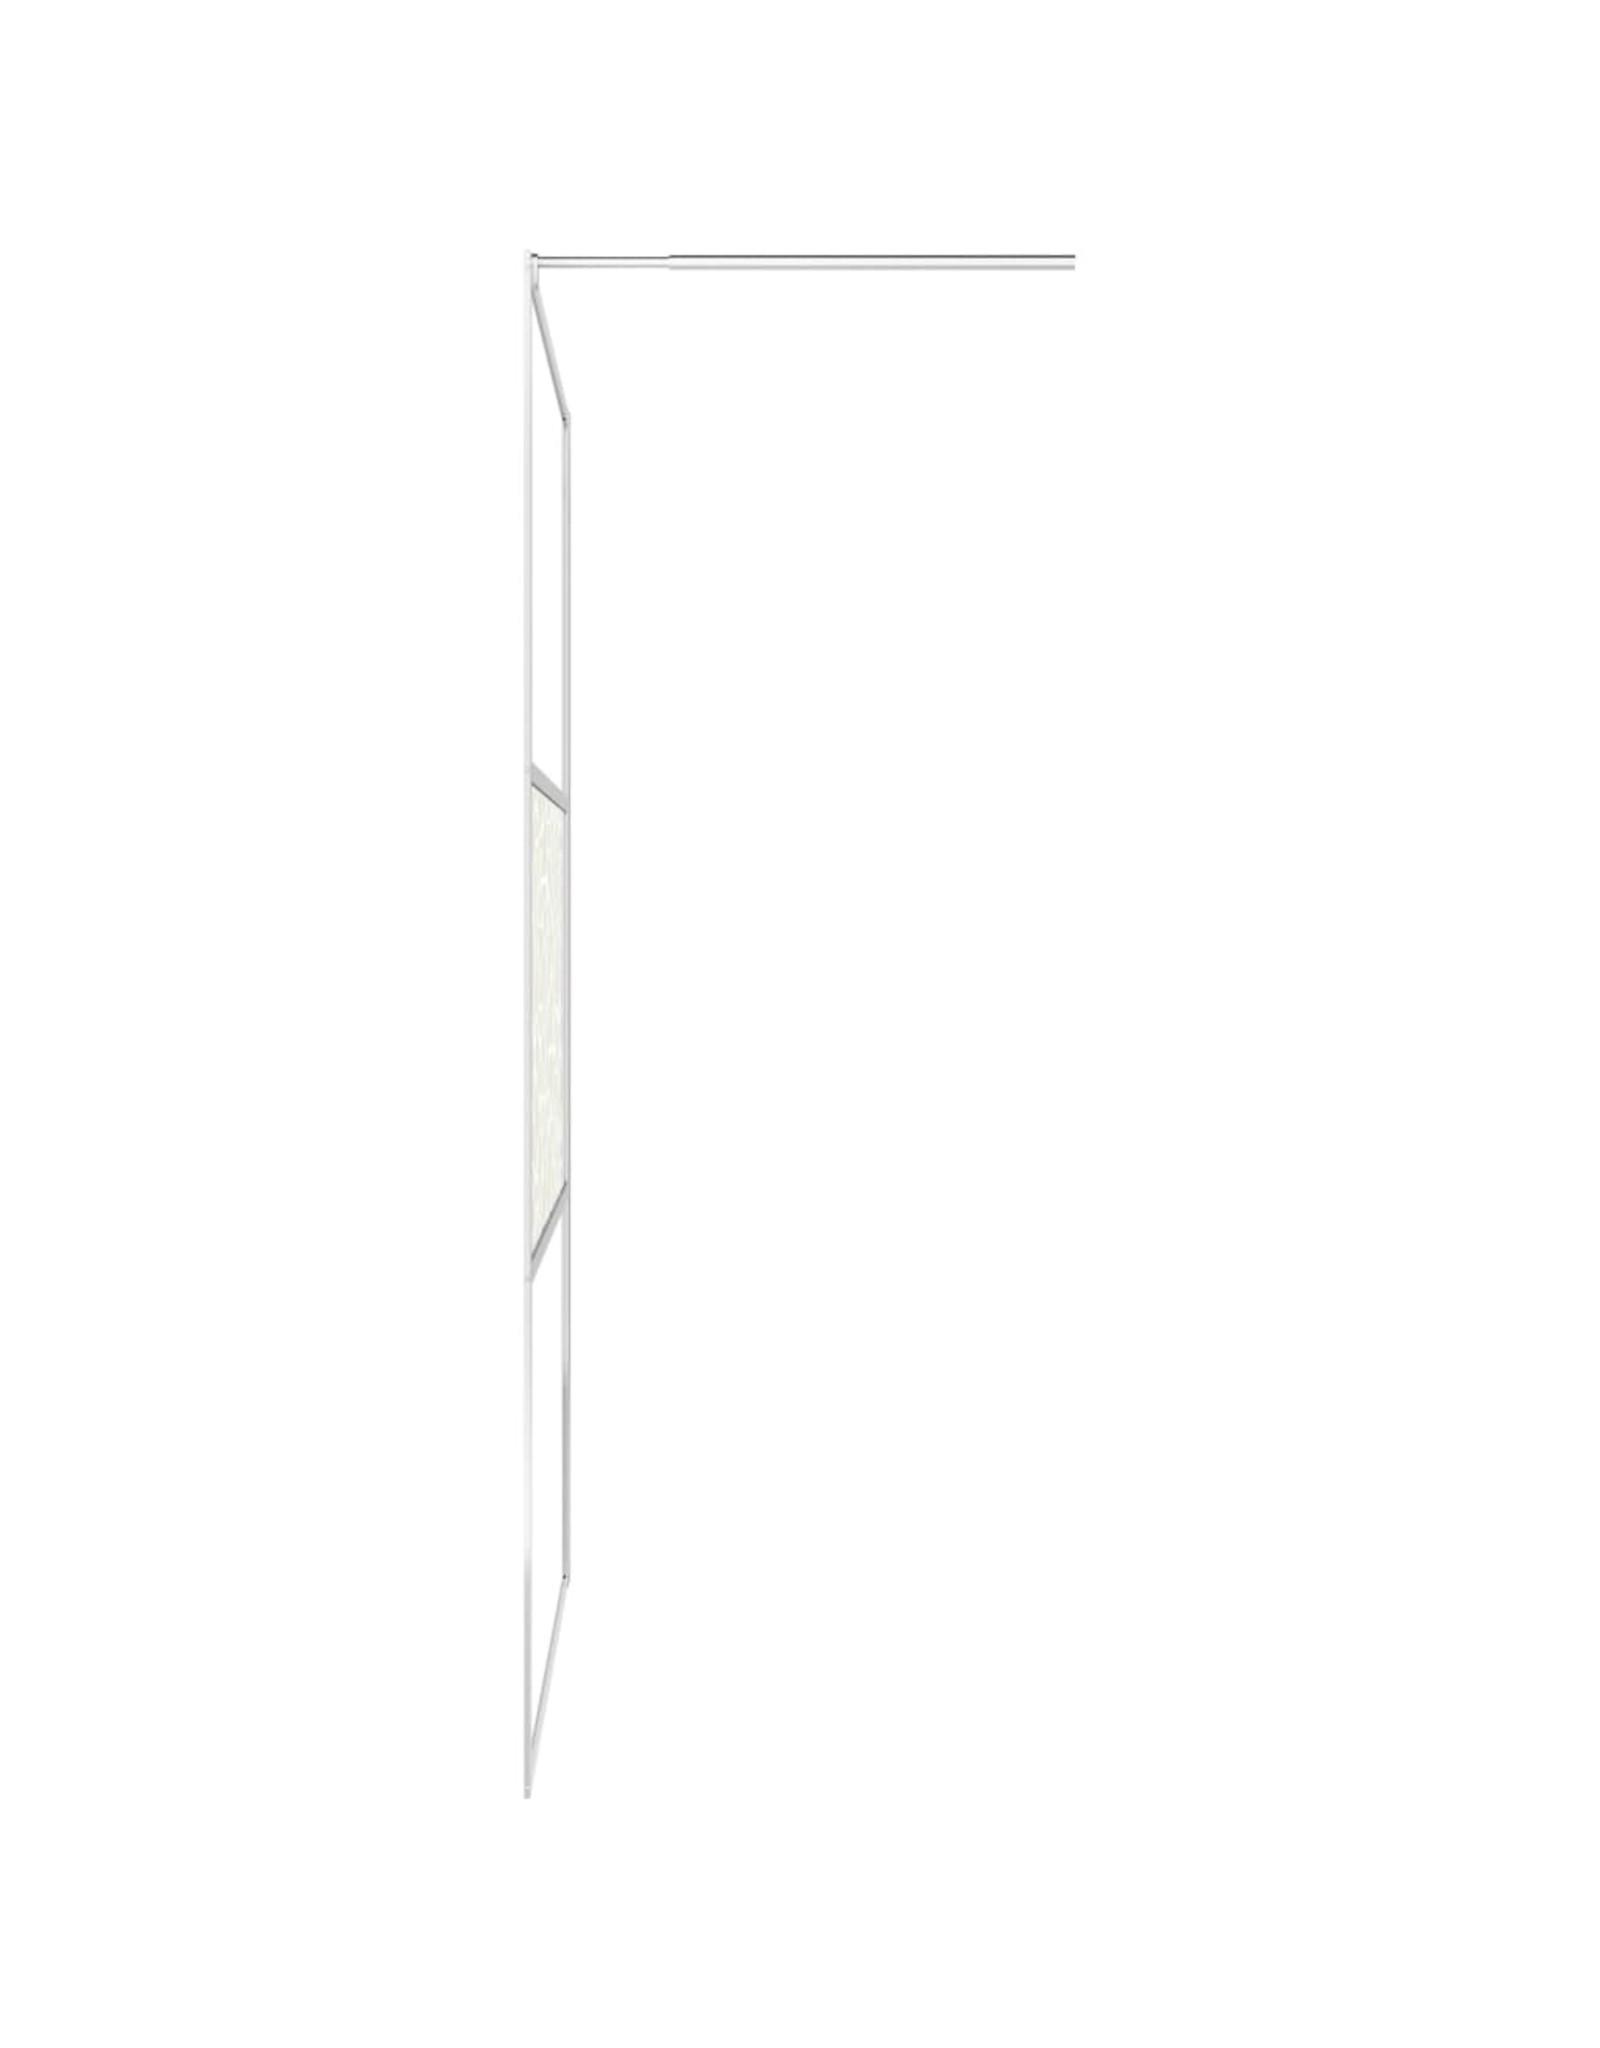 Inloopdouchewand met stenenmotief 100x195 cm ESG-glas